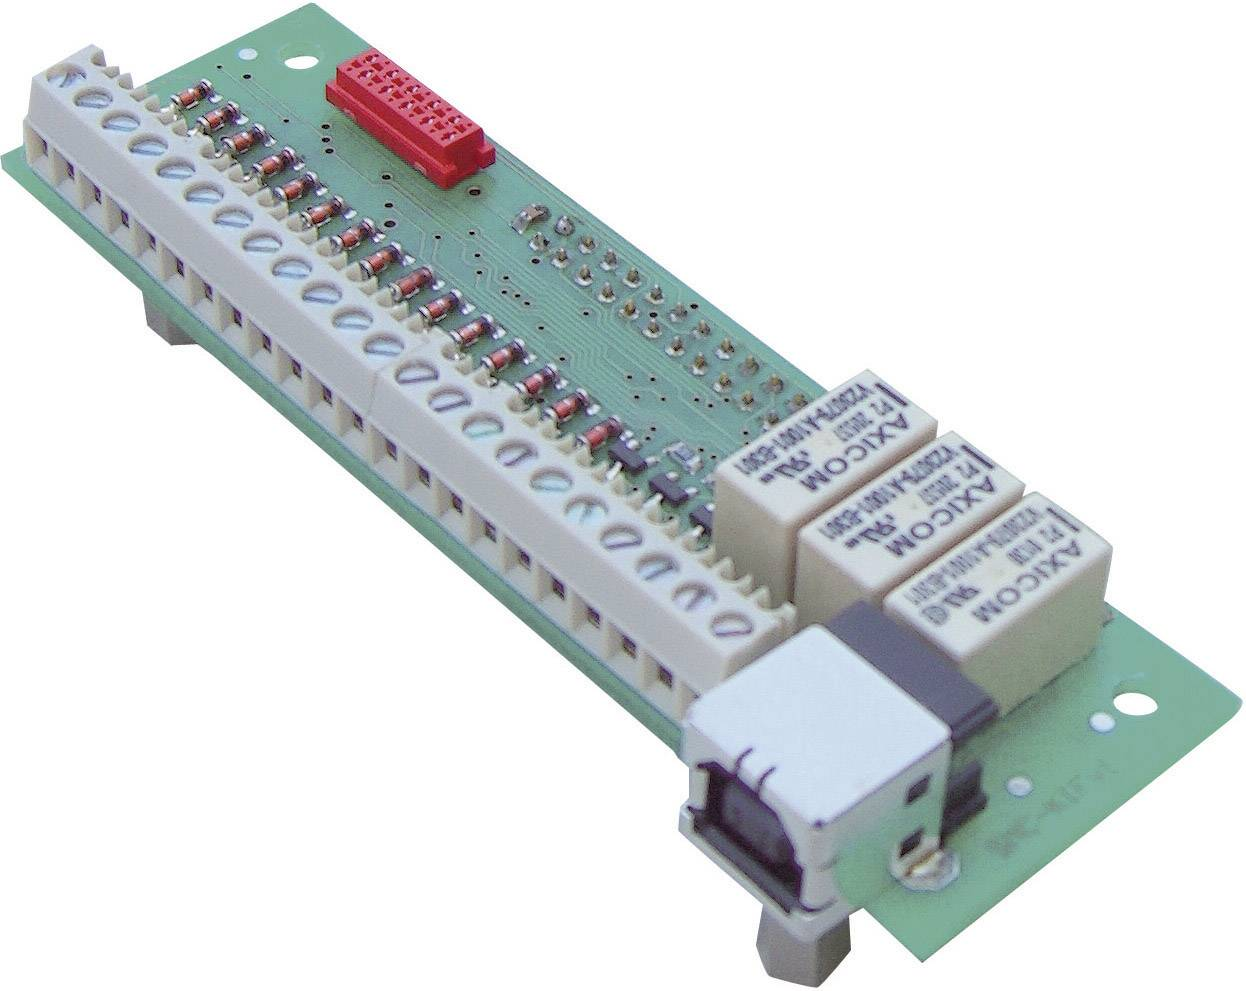 Vstupní/výstupní modul Emis SMCflex-I/O, napájení před základovou desku